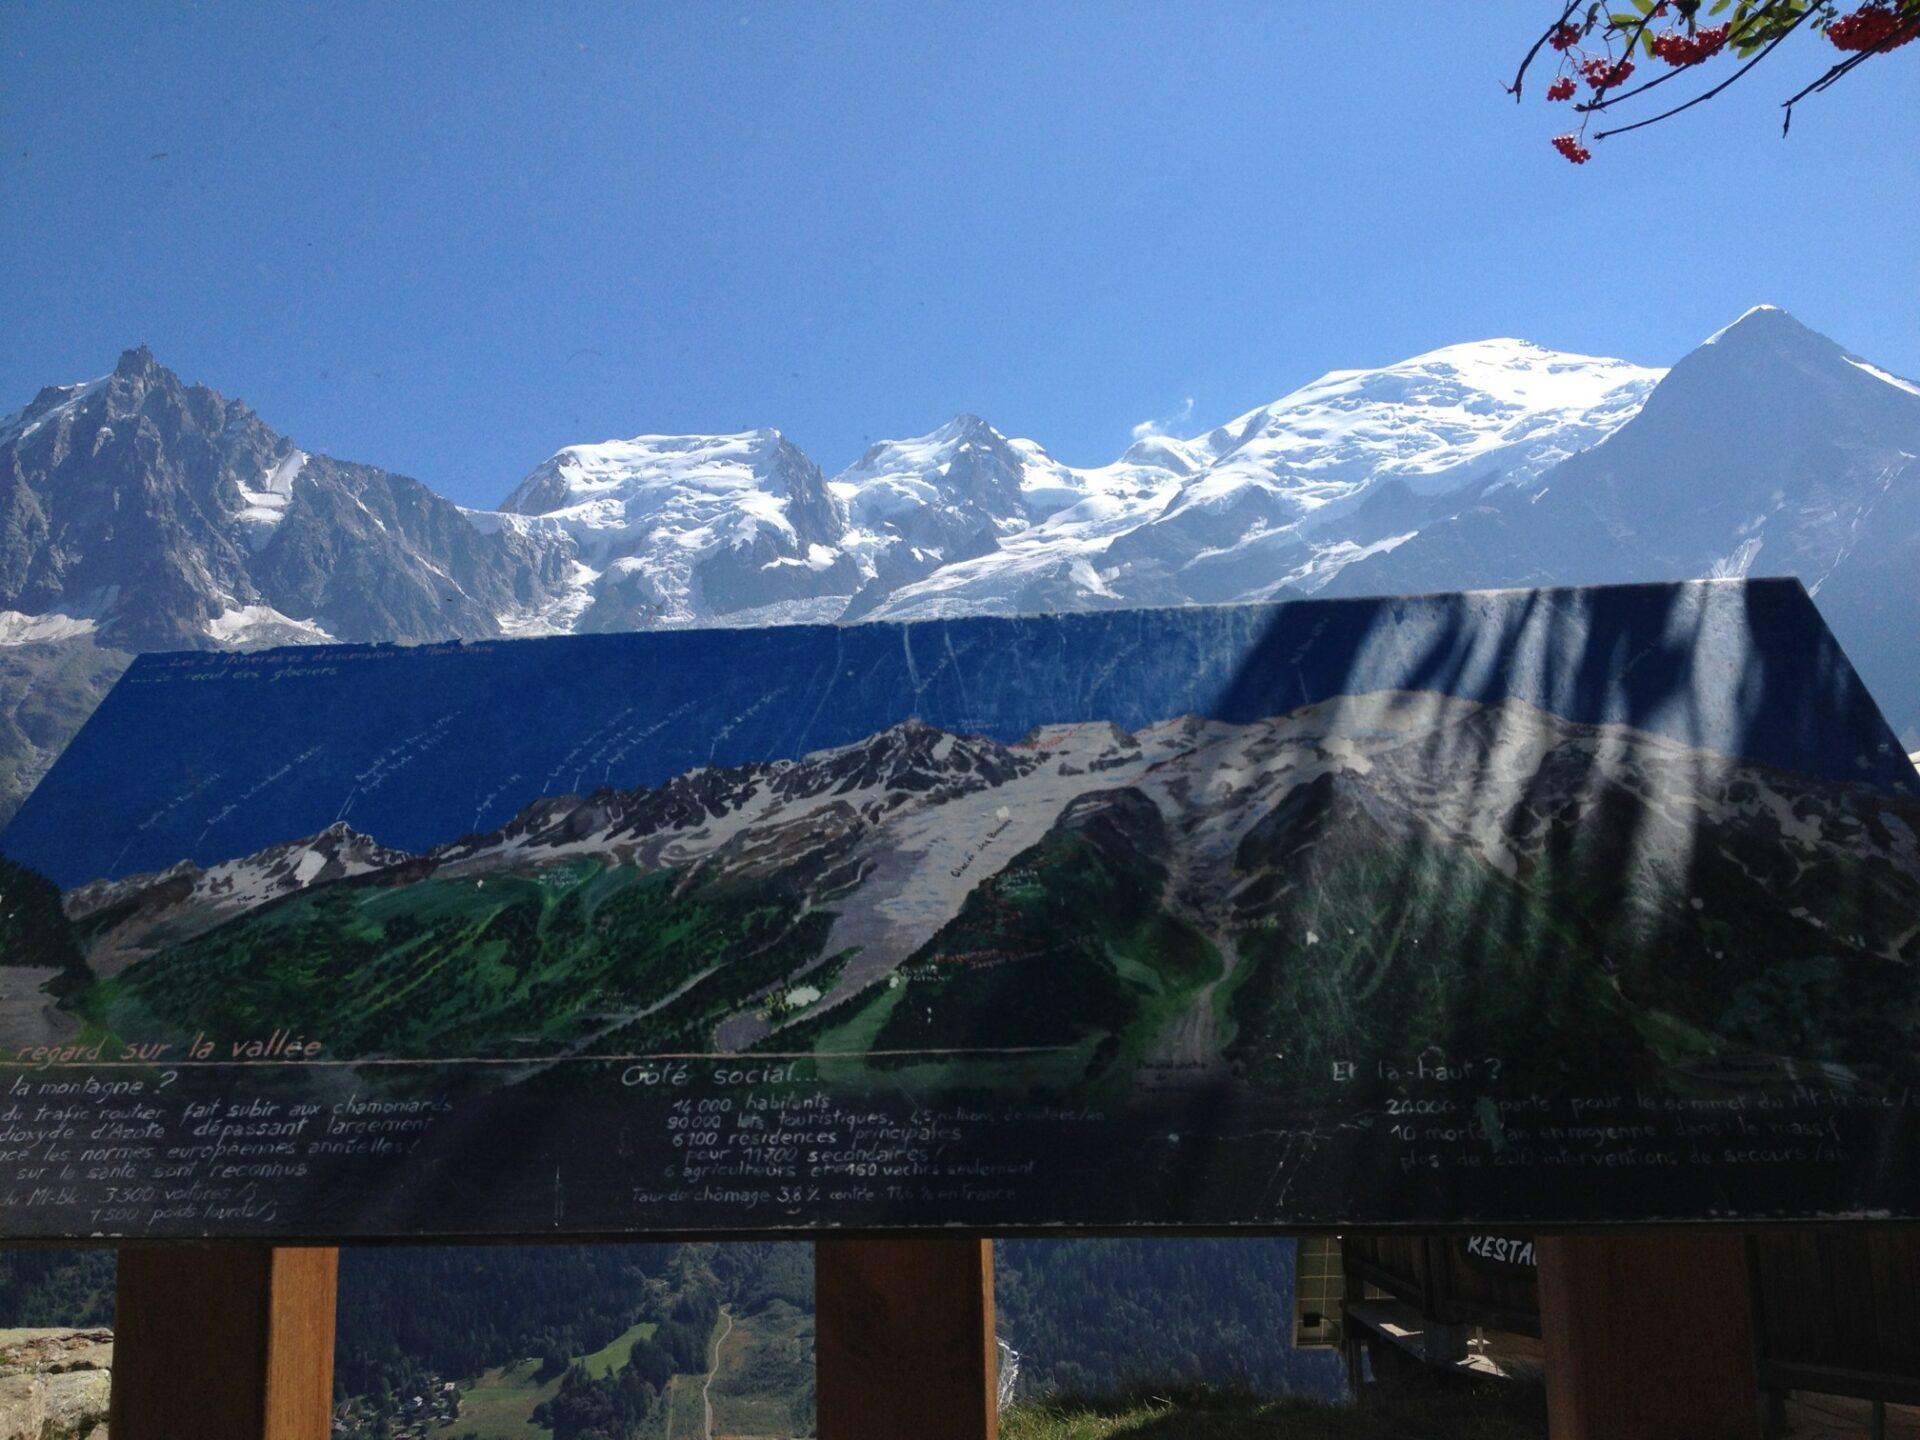 Der höchste Berg der Alpen im Blick